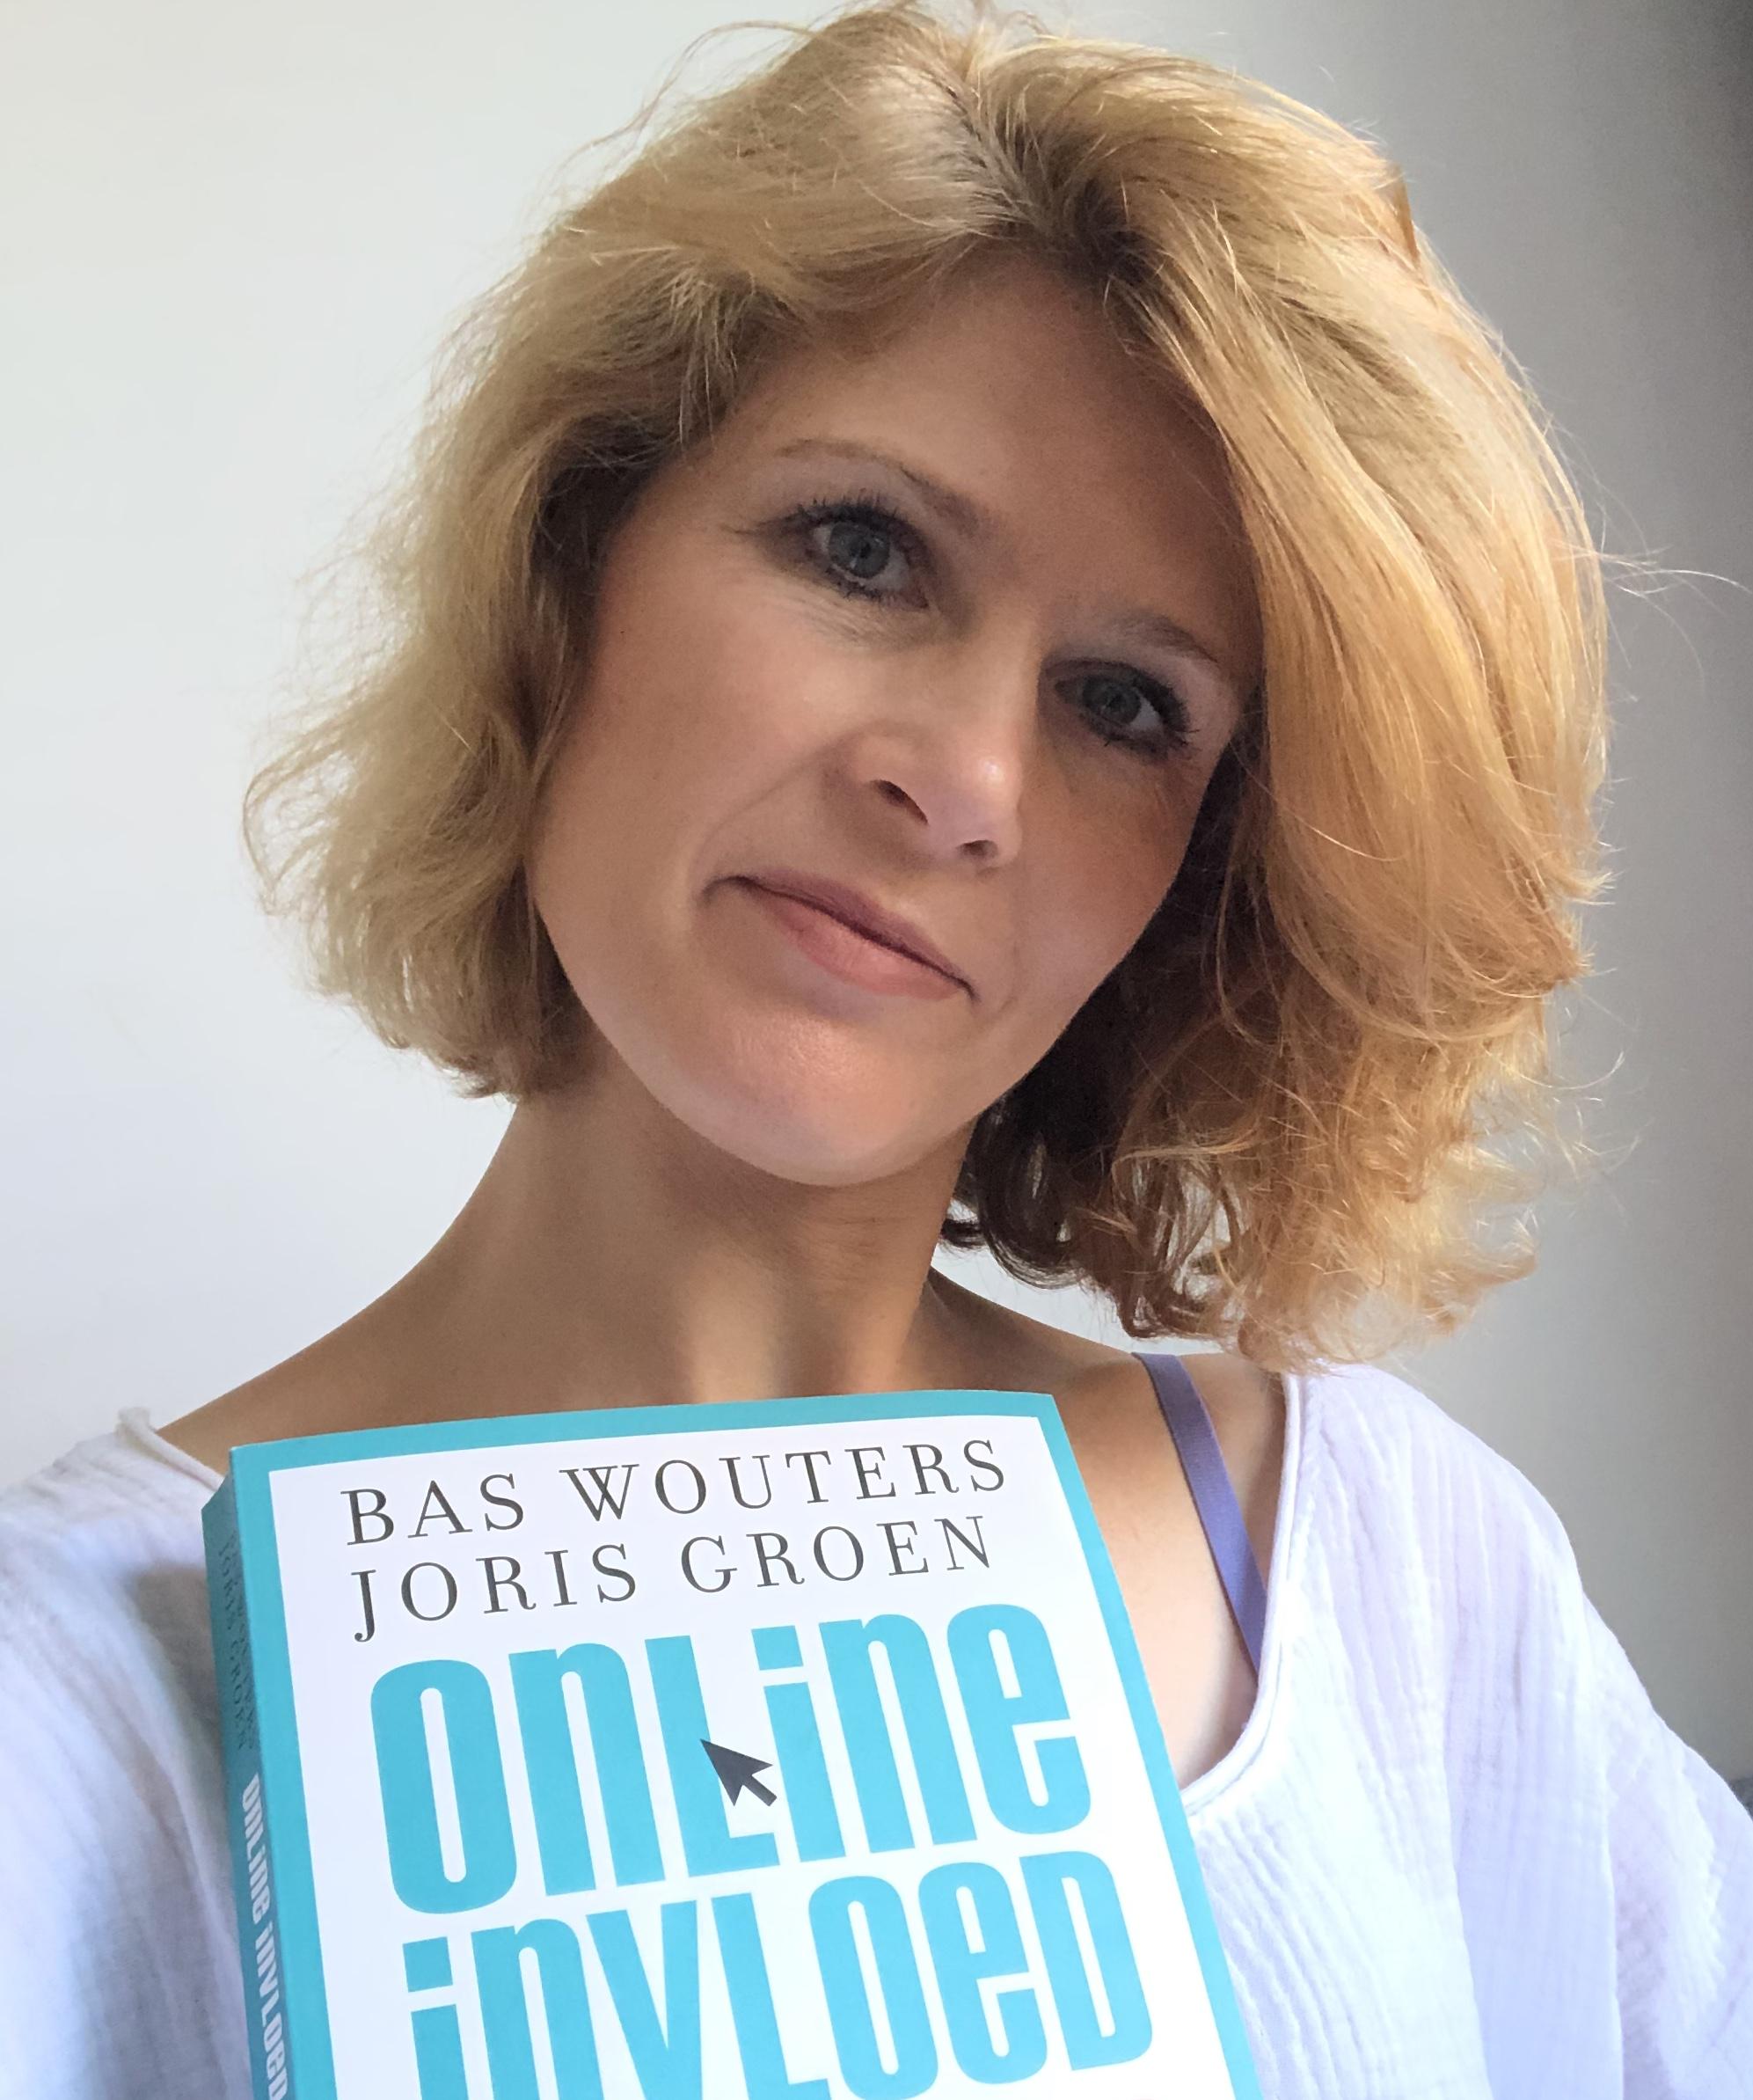 Boek Online invloed voor borst Dymph Neeteson